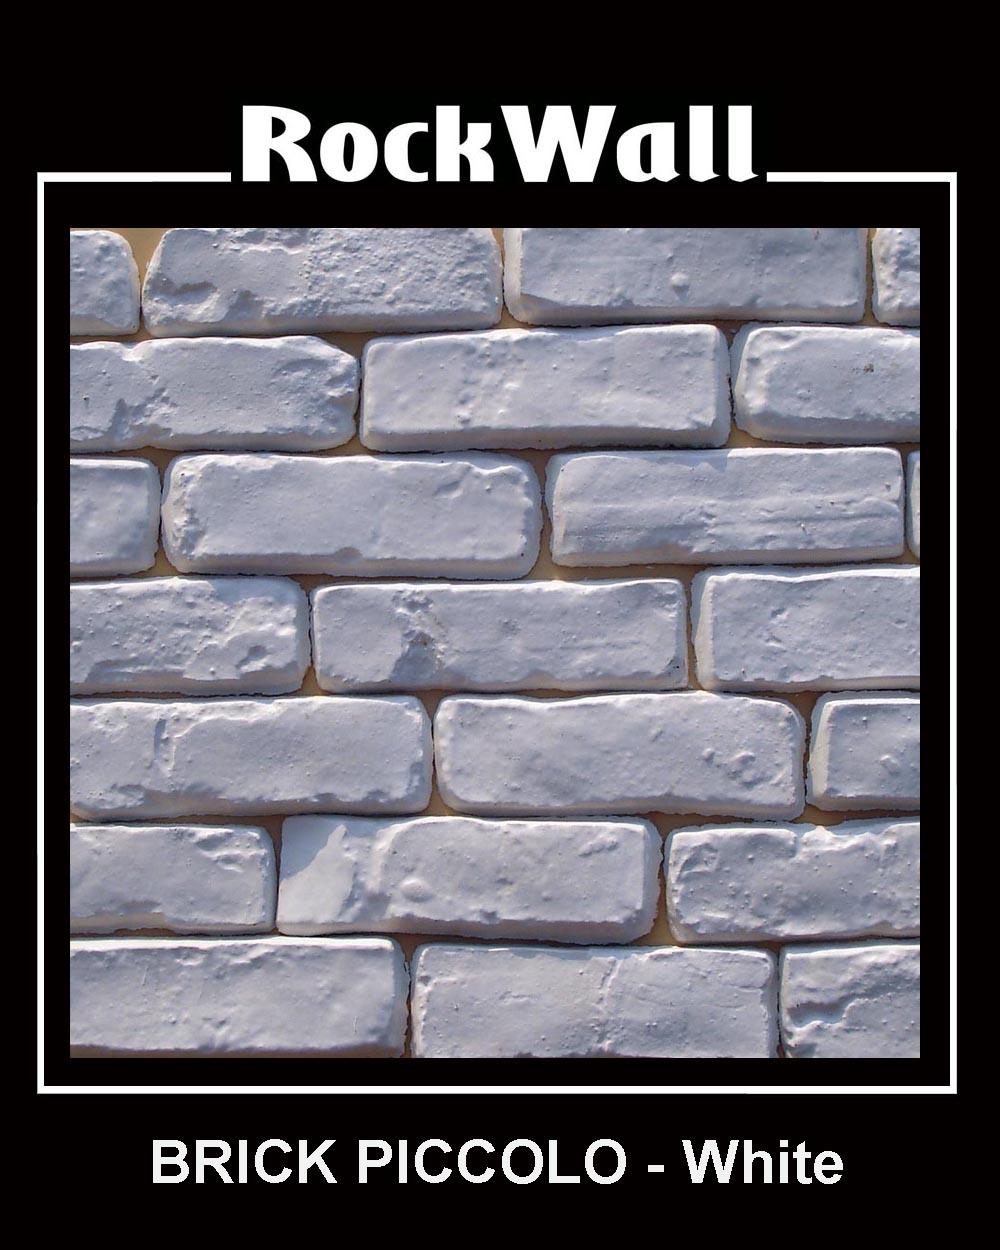 brick-piccolo-white